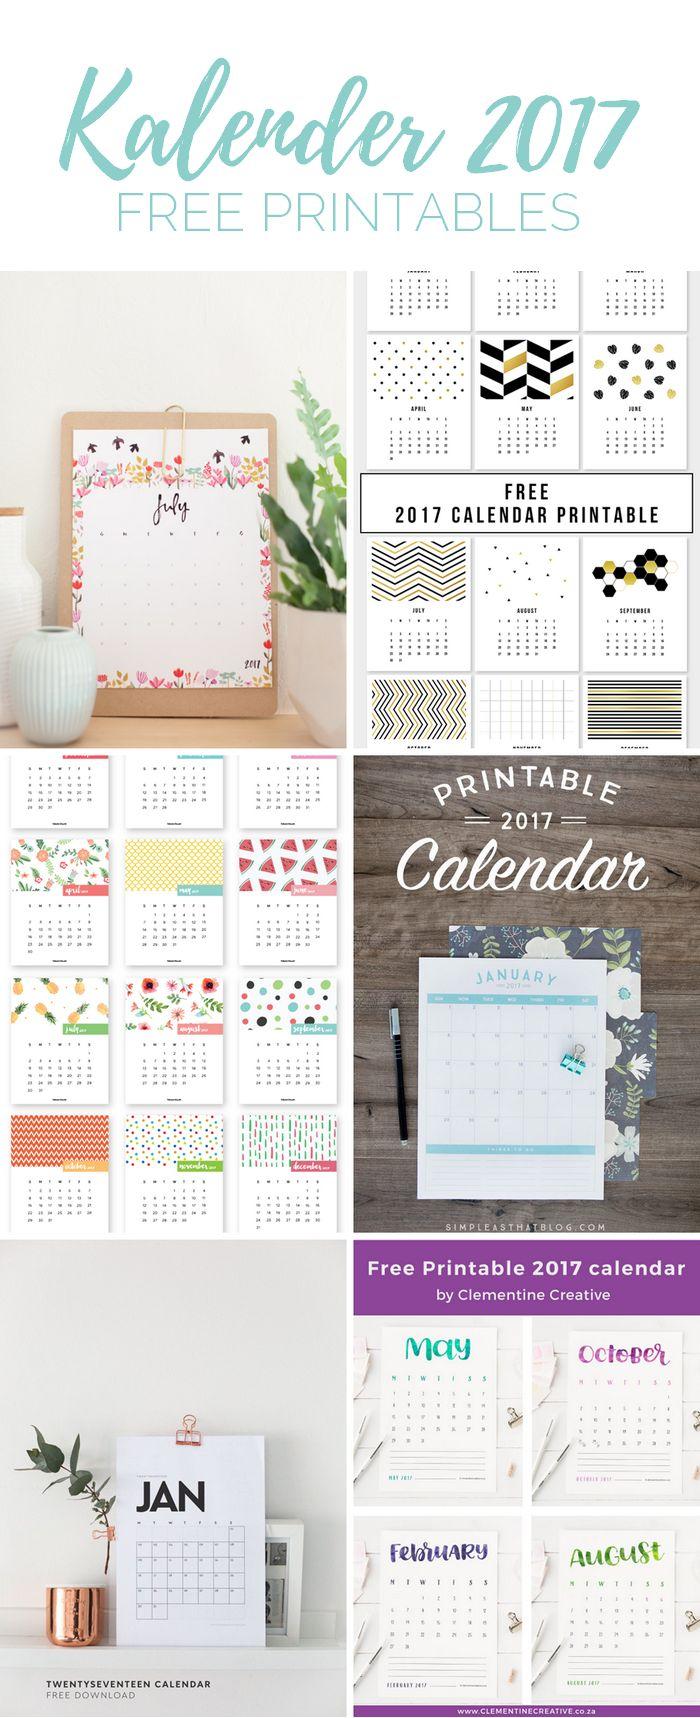 Die schönsten Kalender für 2017 zum Ausdrucken. Free Printable Kalender von minimalistisch bis verspielt für das Jahr 2017.